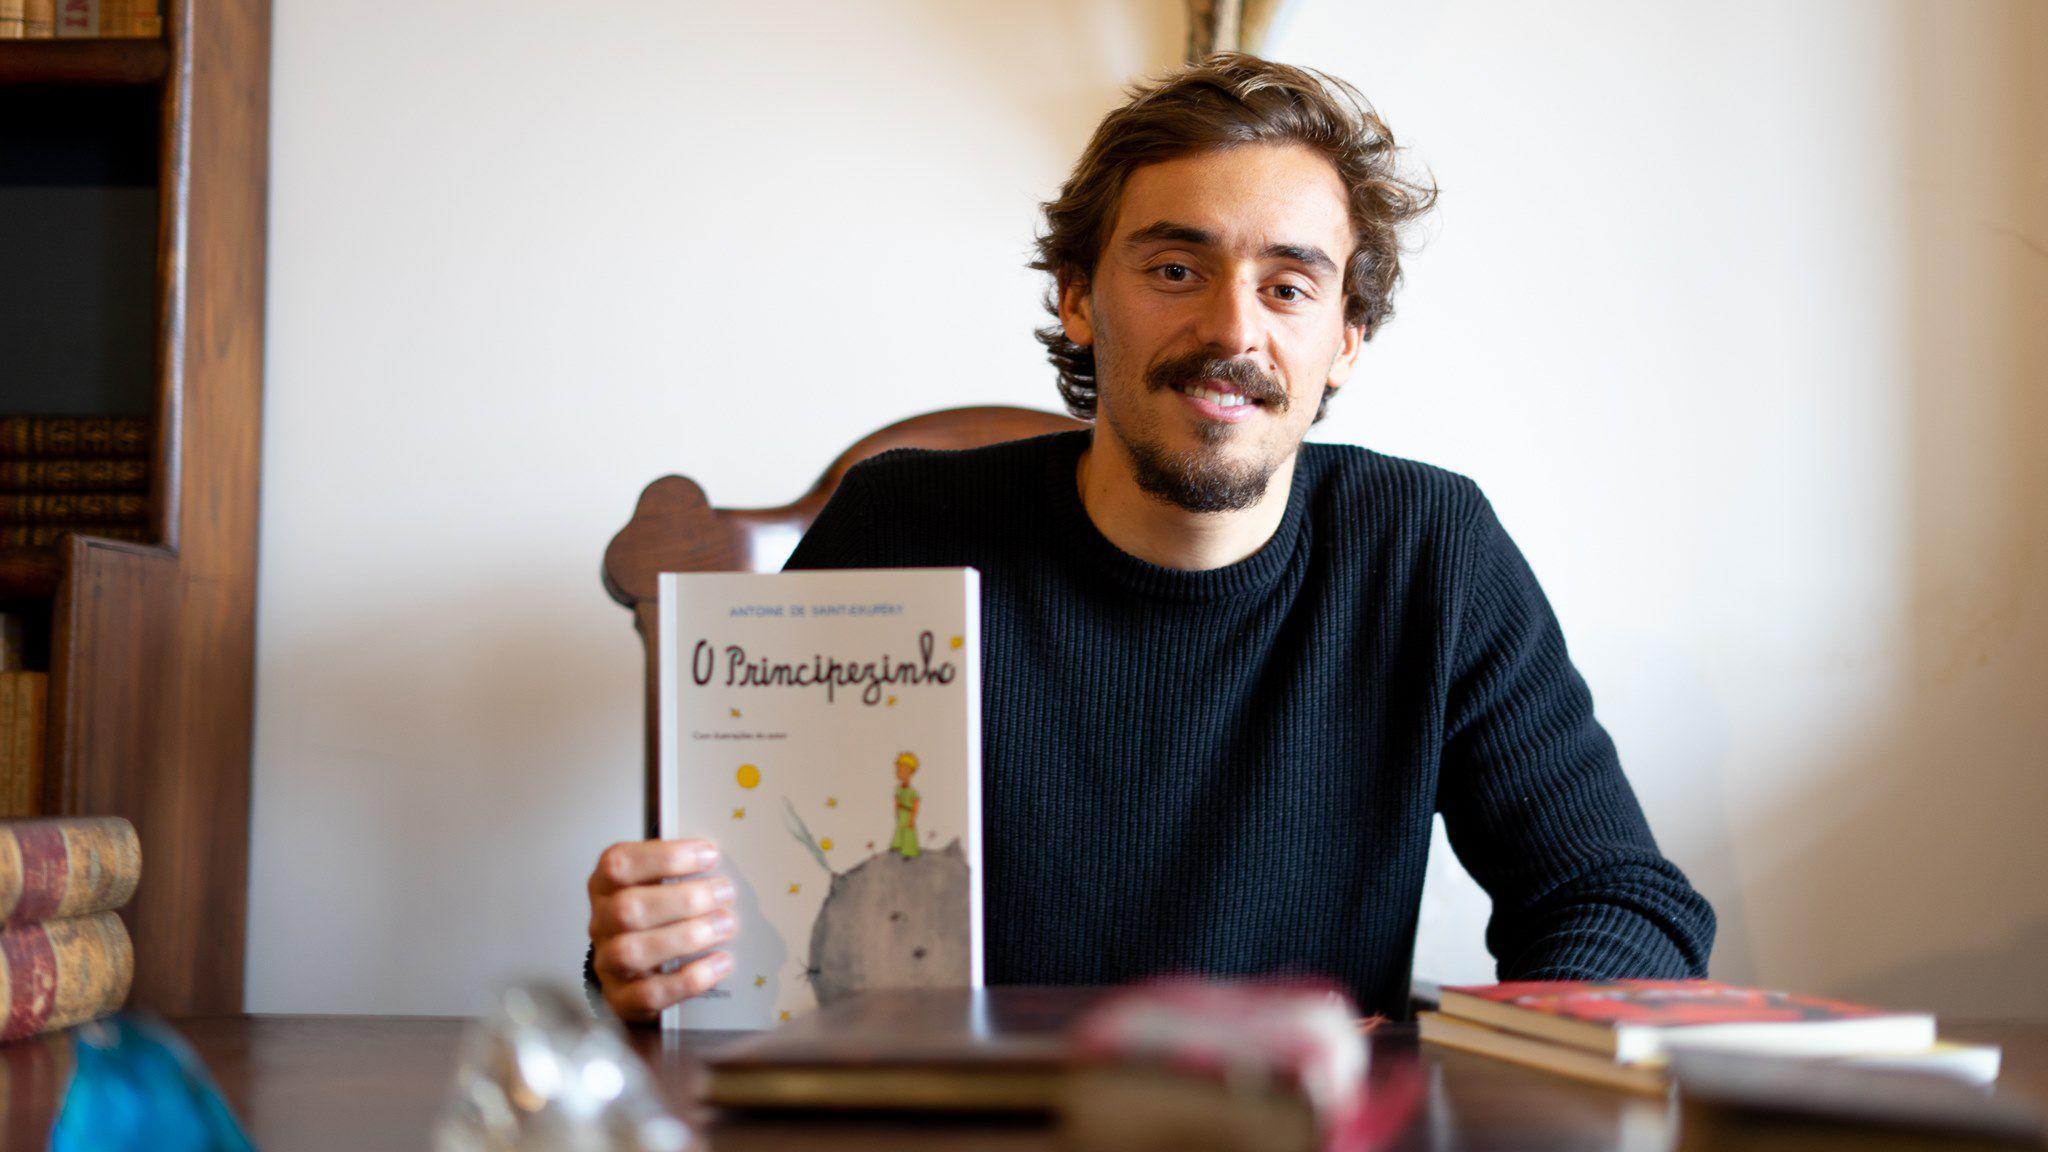 Francisco Geraldes cria projecto para promover a leitura